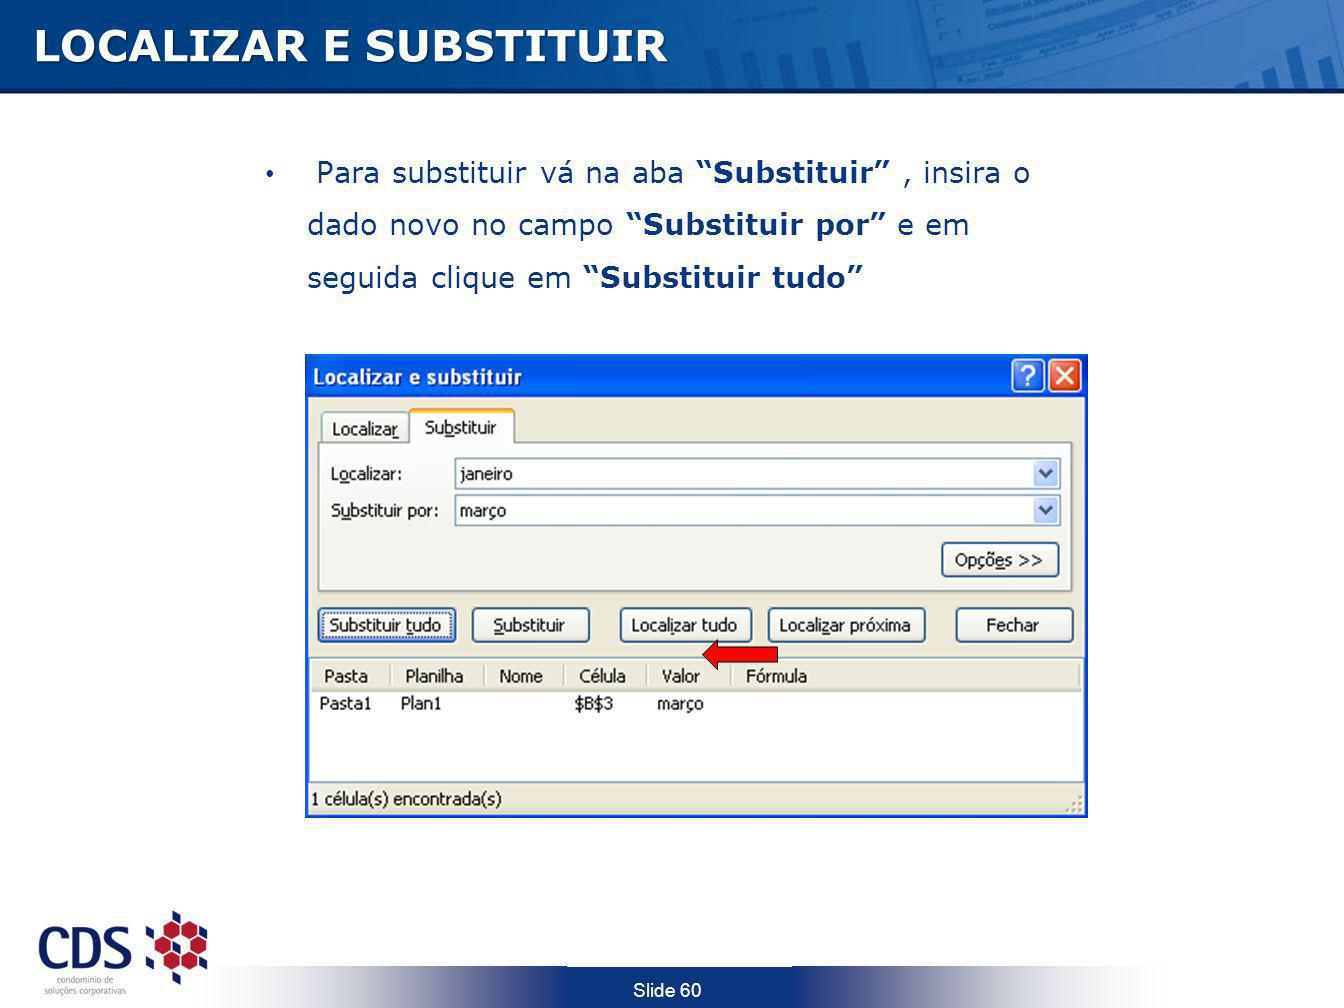 LOCALIZAR E SUBSTITUIR